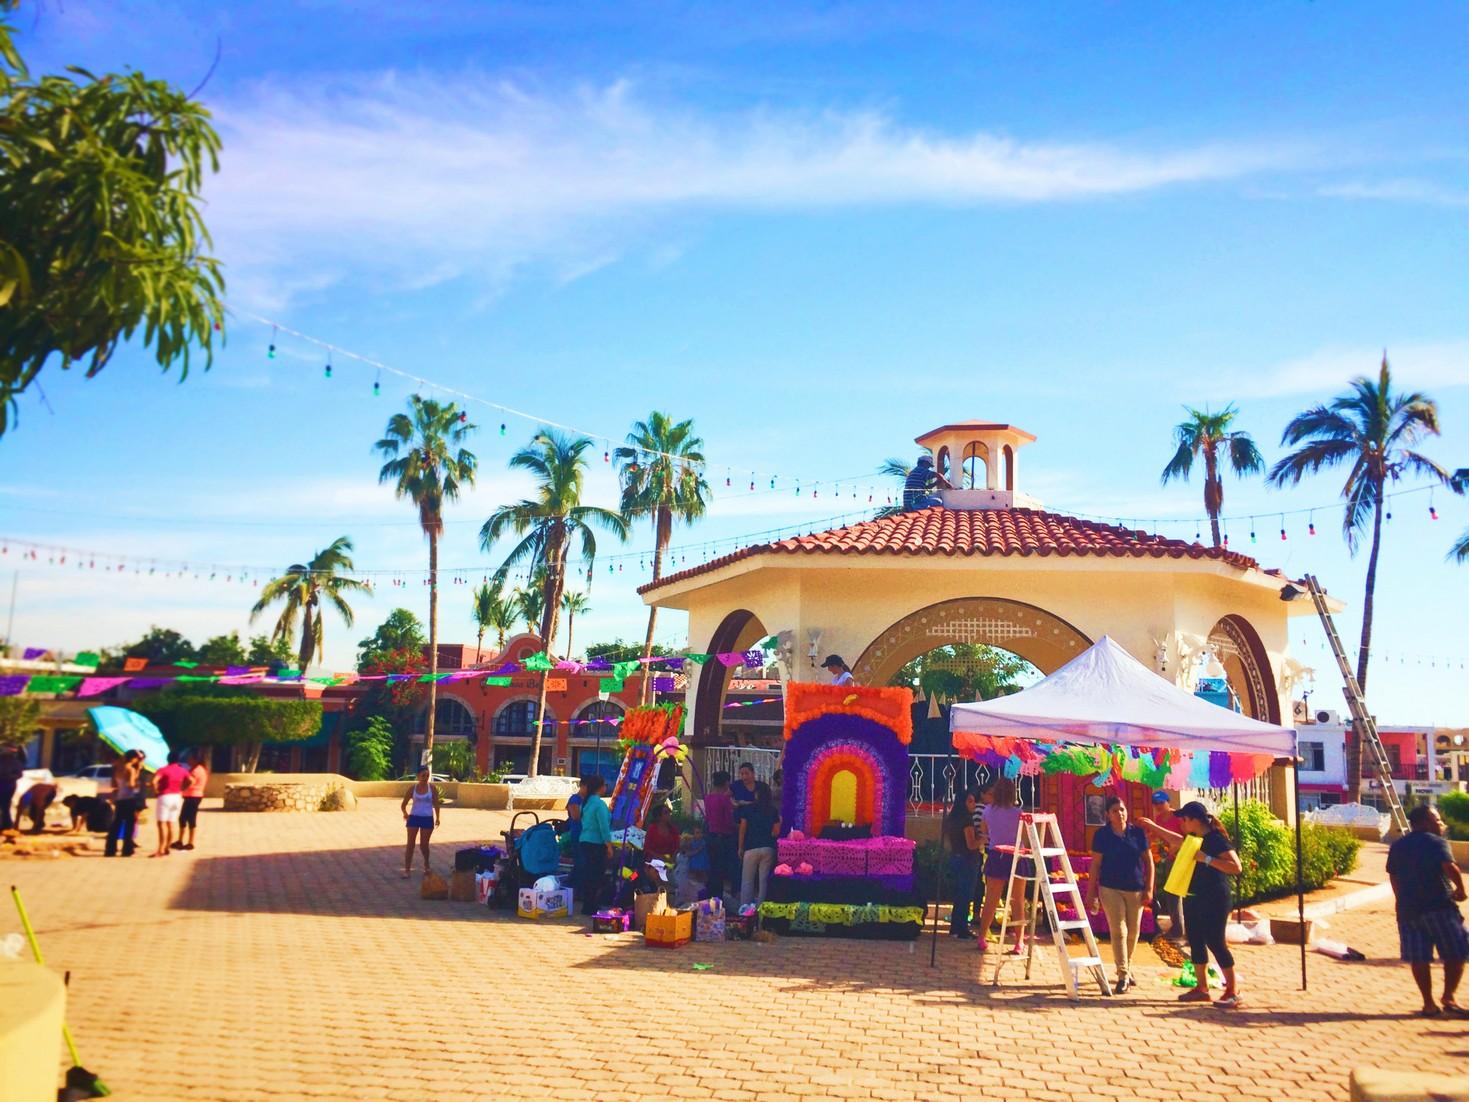 Dia-de-los-Muertos-in-Plaza-Cabo-San-Lucas-BCS-Mexico-1.jpg